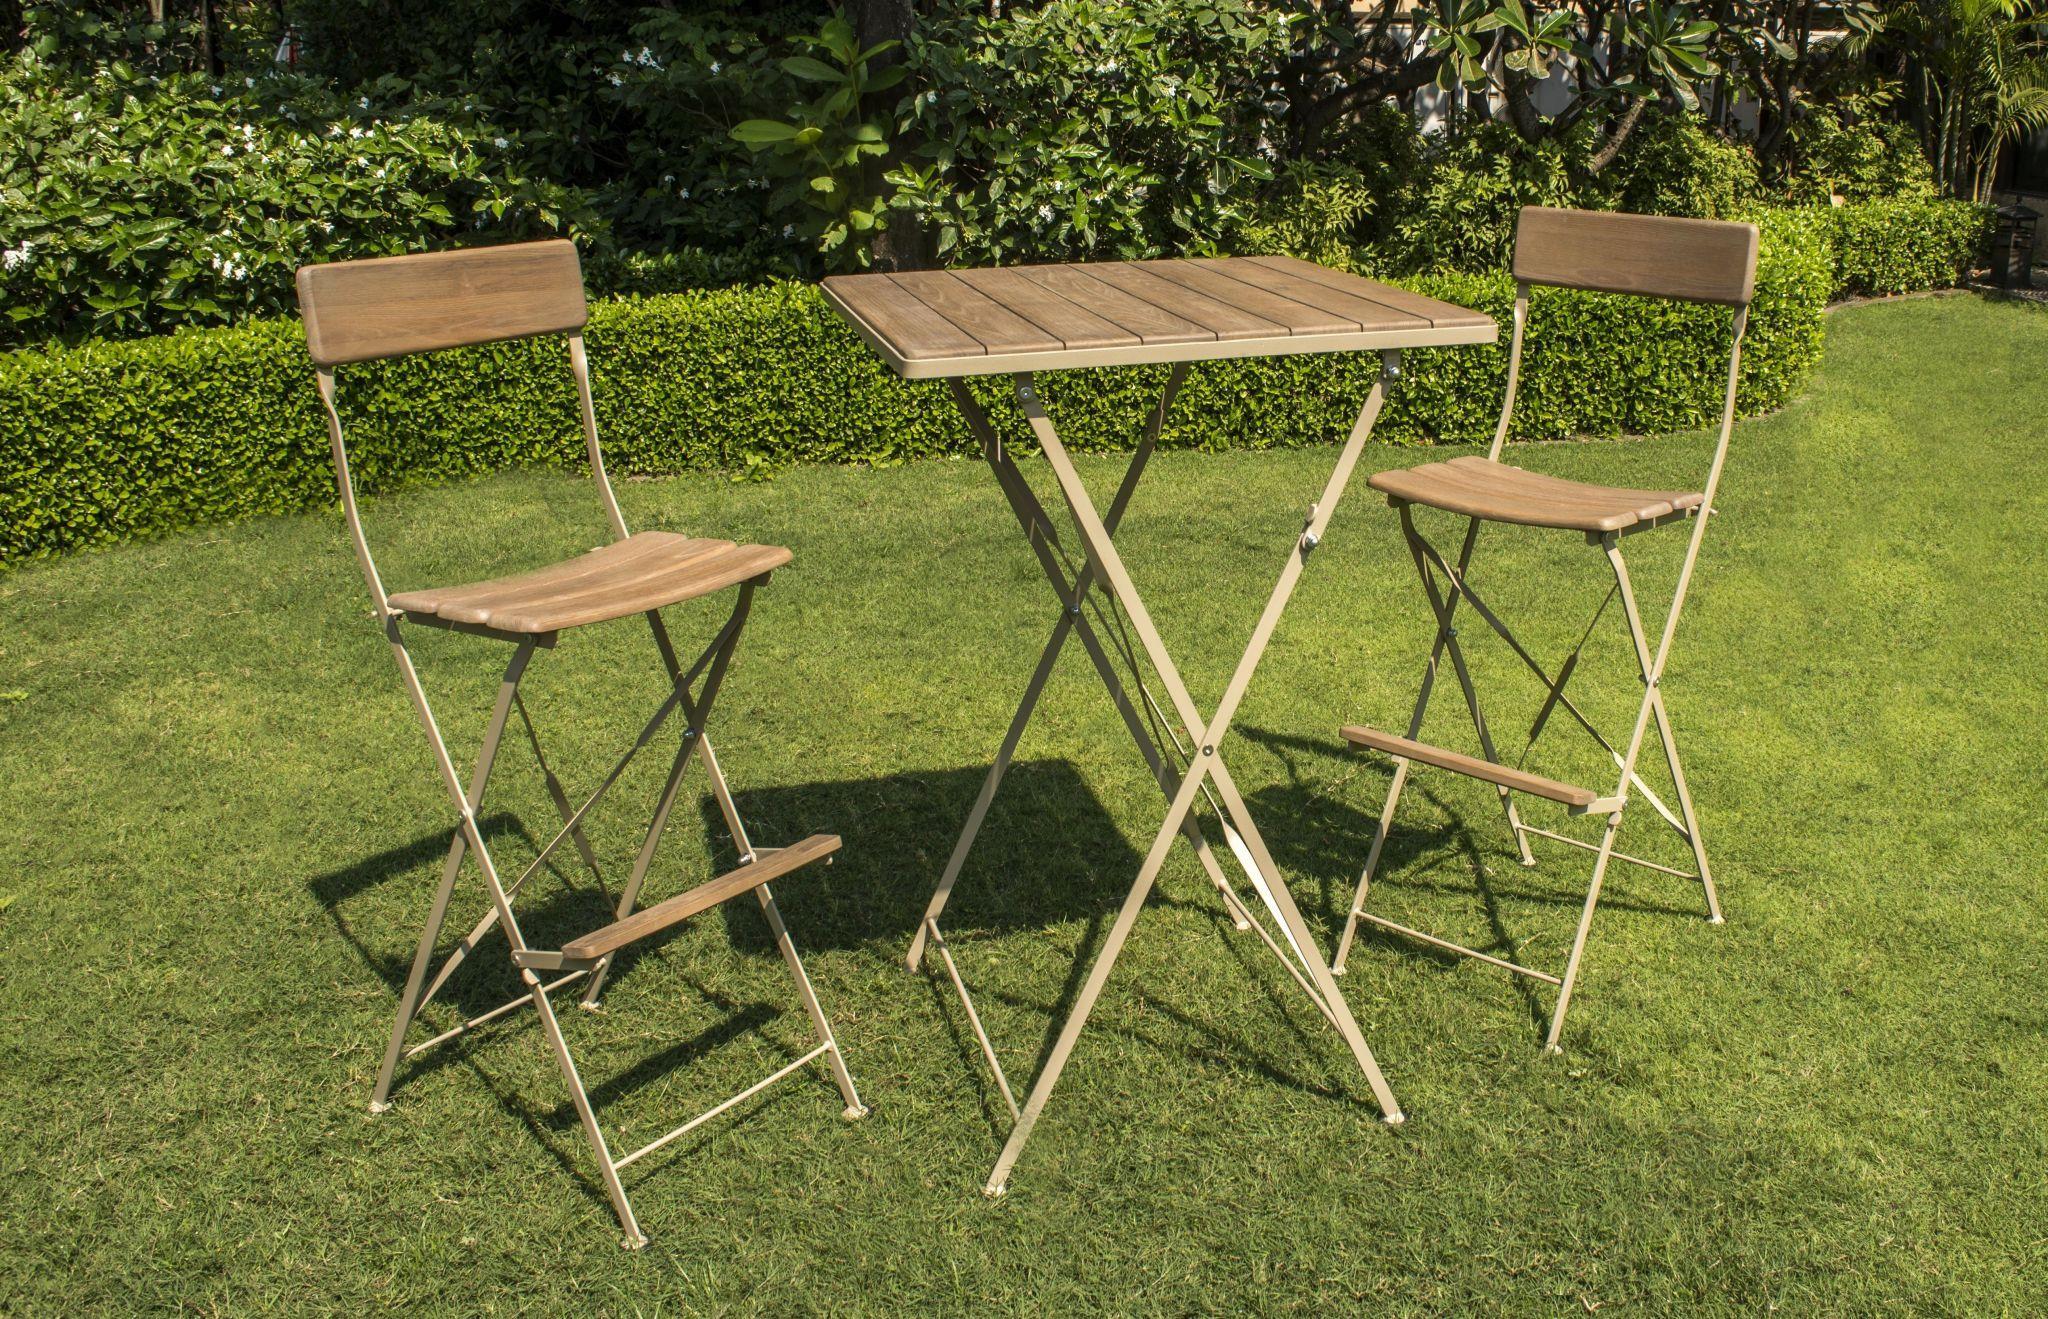 Table Exterieur Pliable Table De Jardin Pliante Leroy Merlin ... tout Table De Jardin Pliante Carrefour